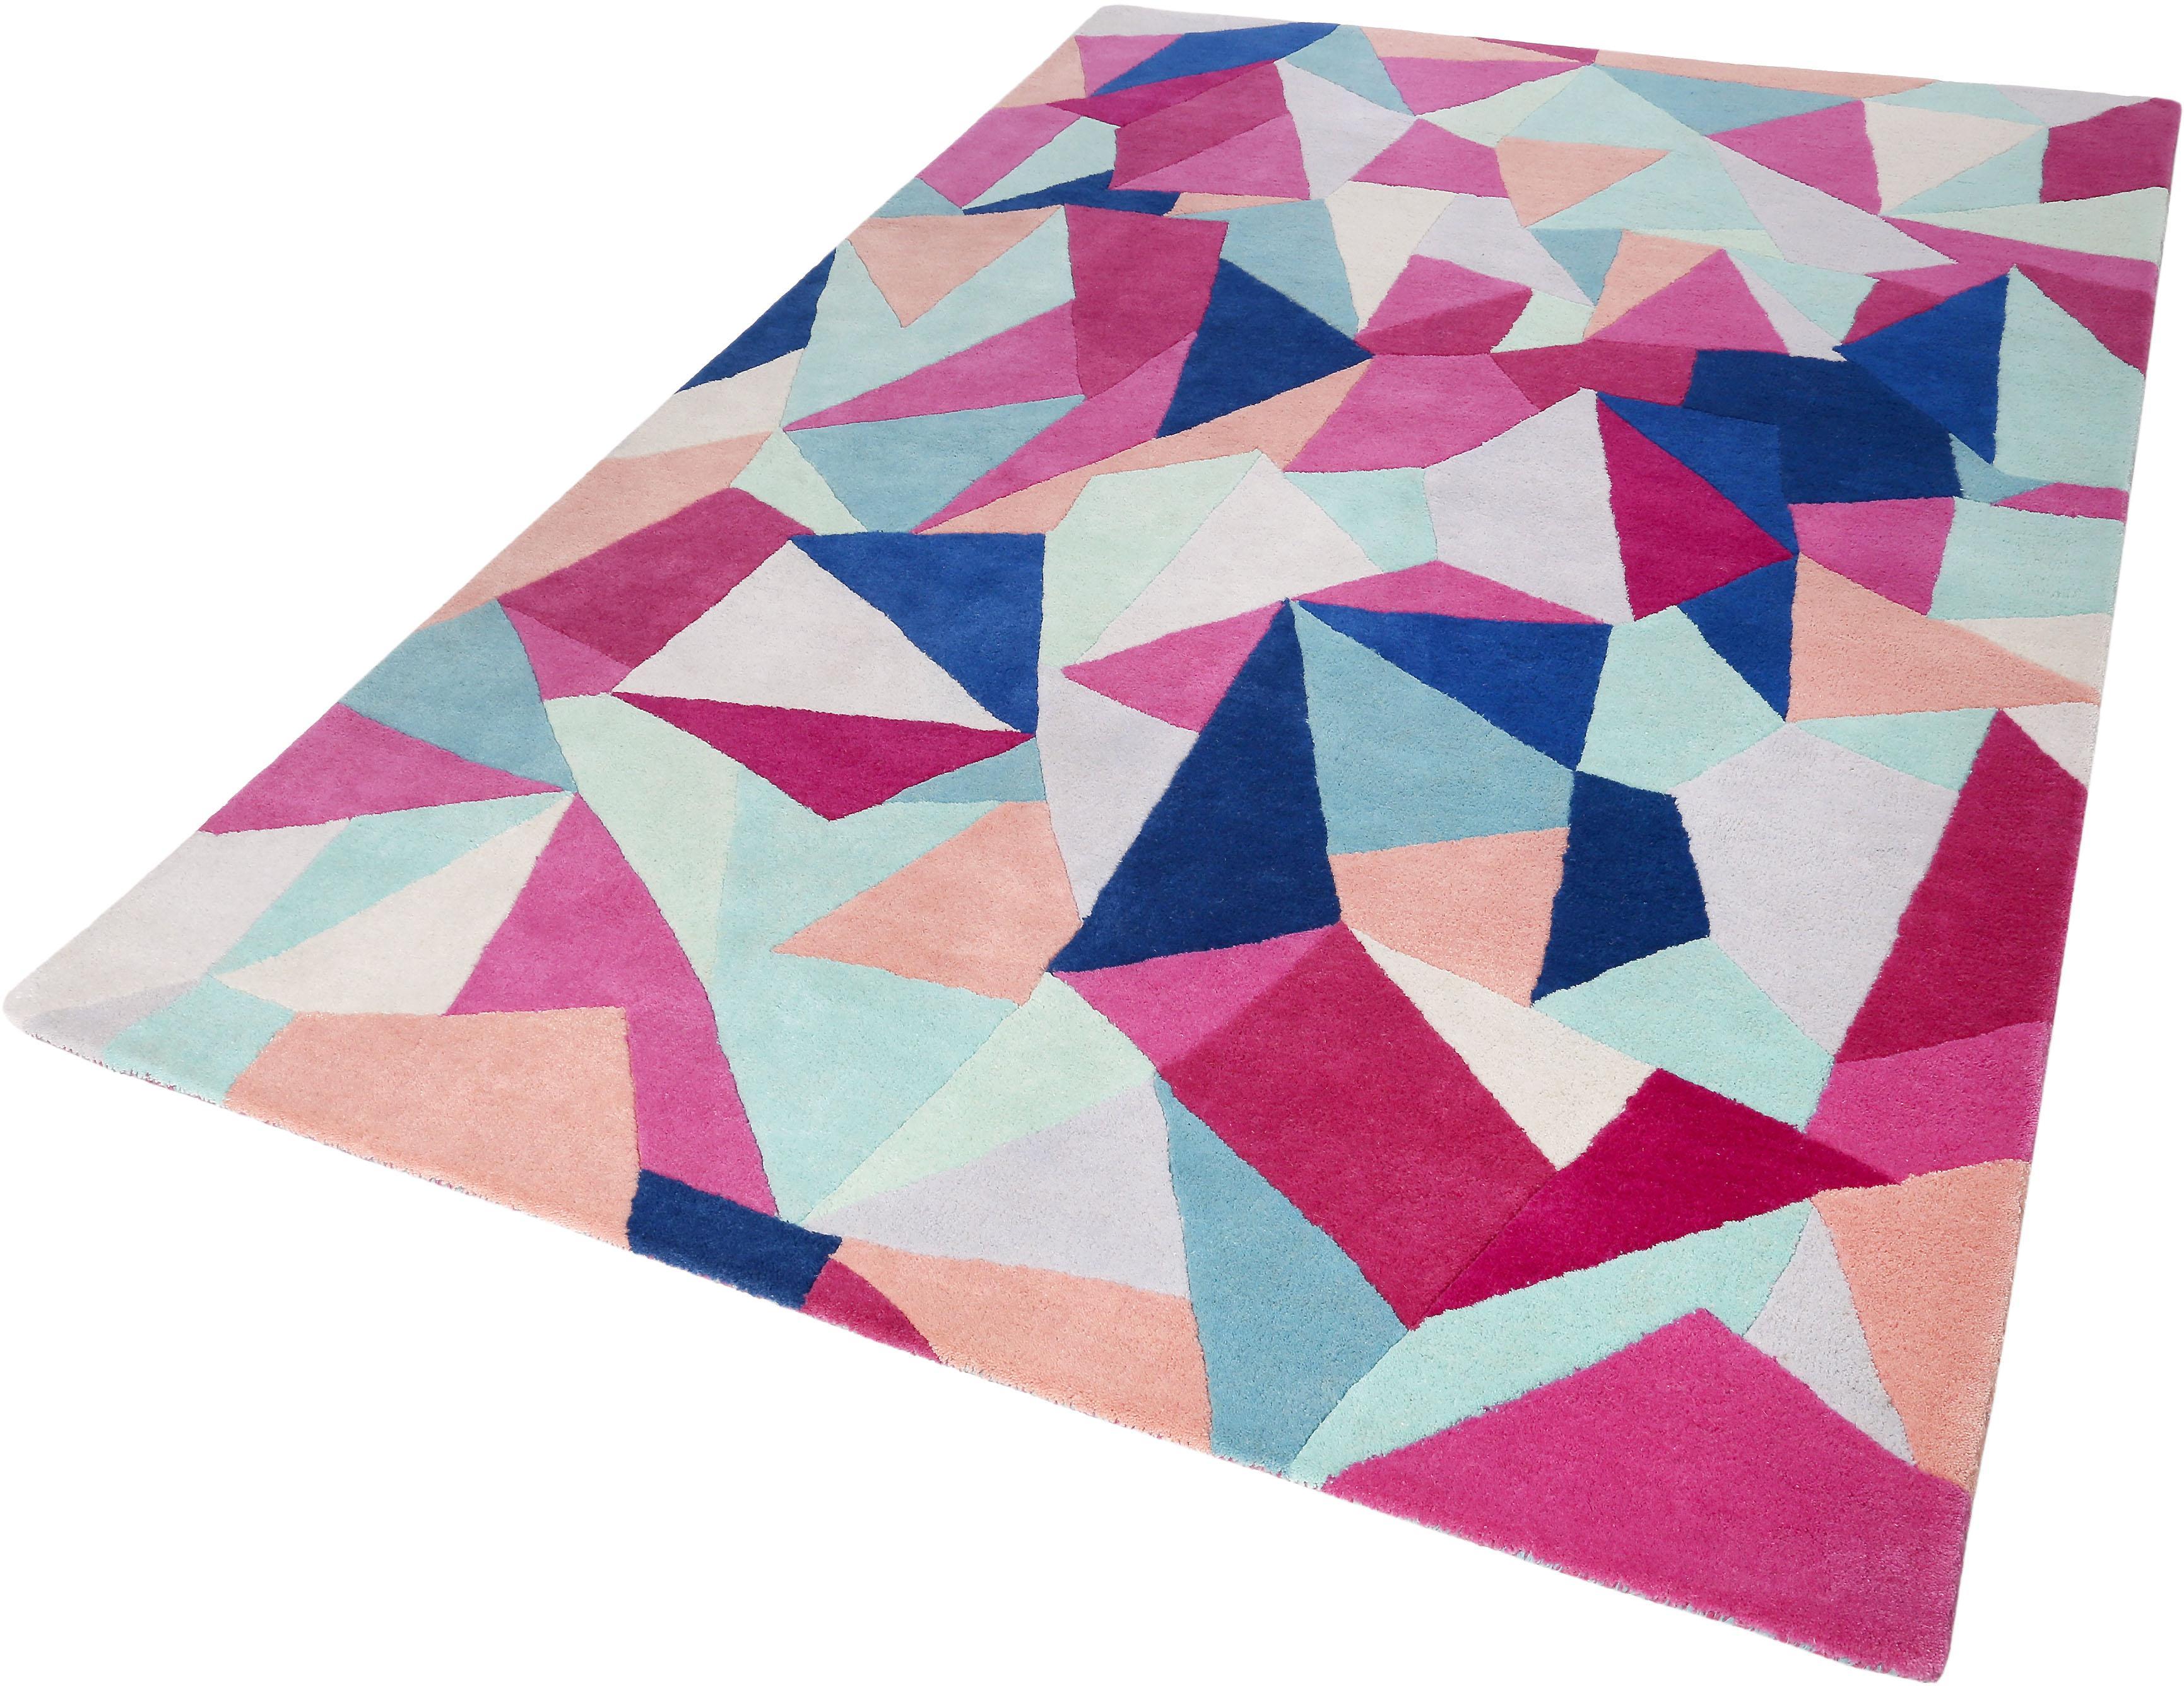 Wollteppich Triangulum Accessorize Home rechteckig Höhe 16 mm handgetuftet